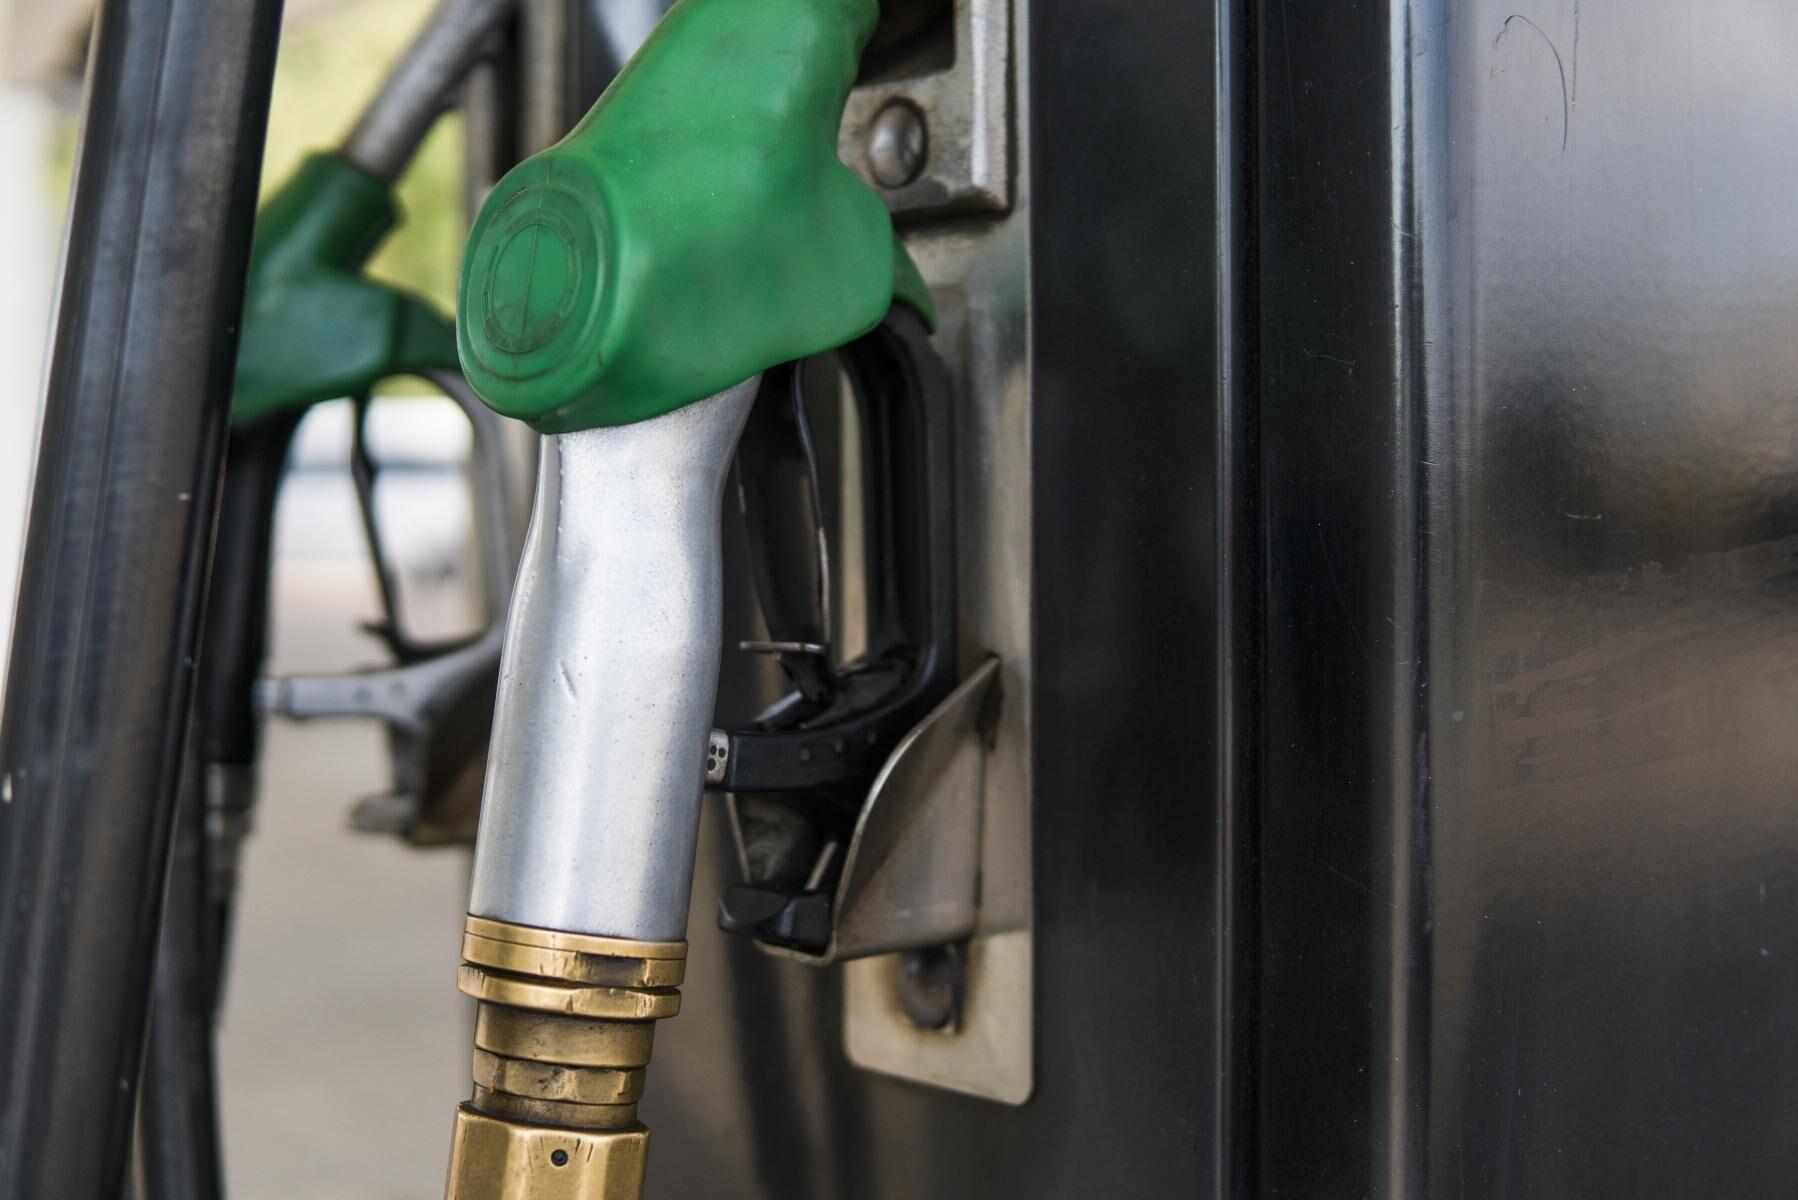 Priset var oförändrat under onsdagen trots att oljepriserna hade återhämtat sig bra. Arkivbild.